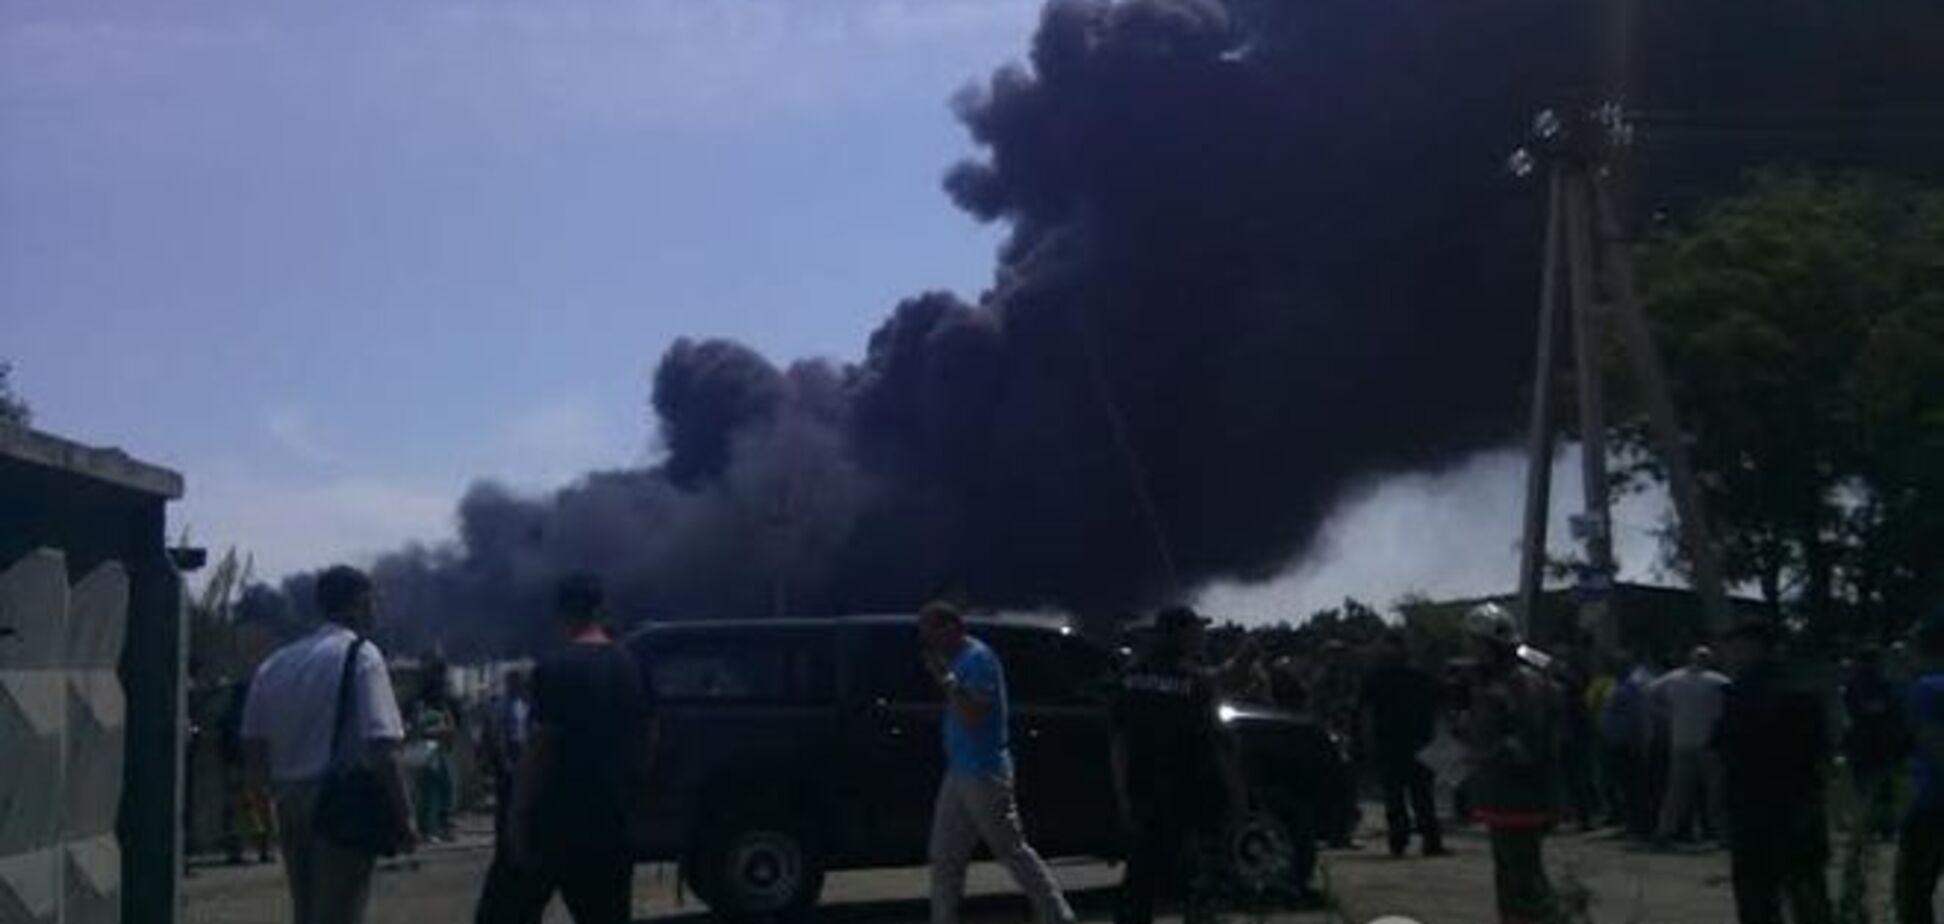 МВД: пожар на нефтебазе в Василькове самый сложный в Украине